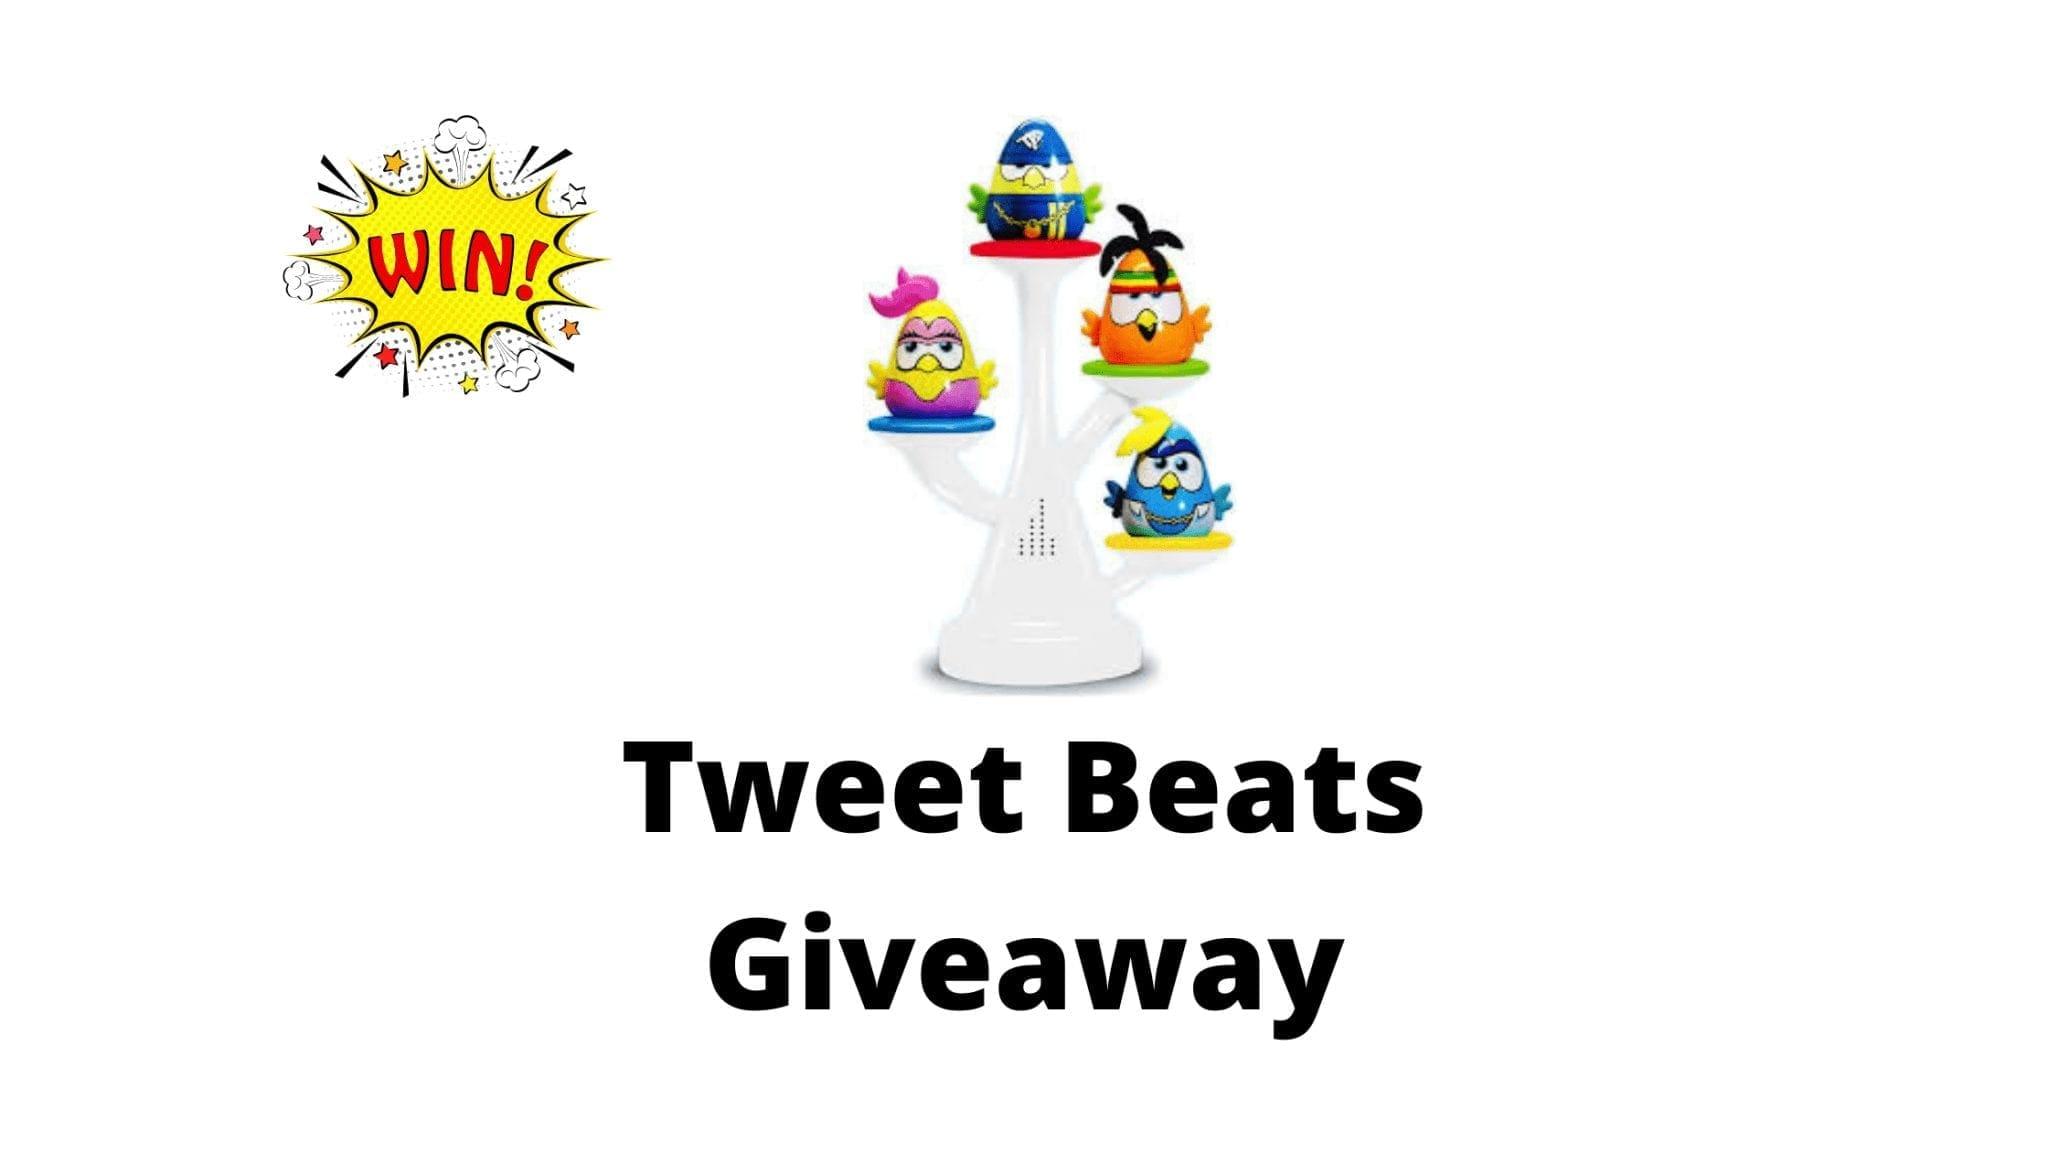 Tweet Beats Giveaway